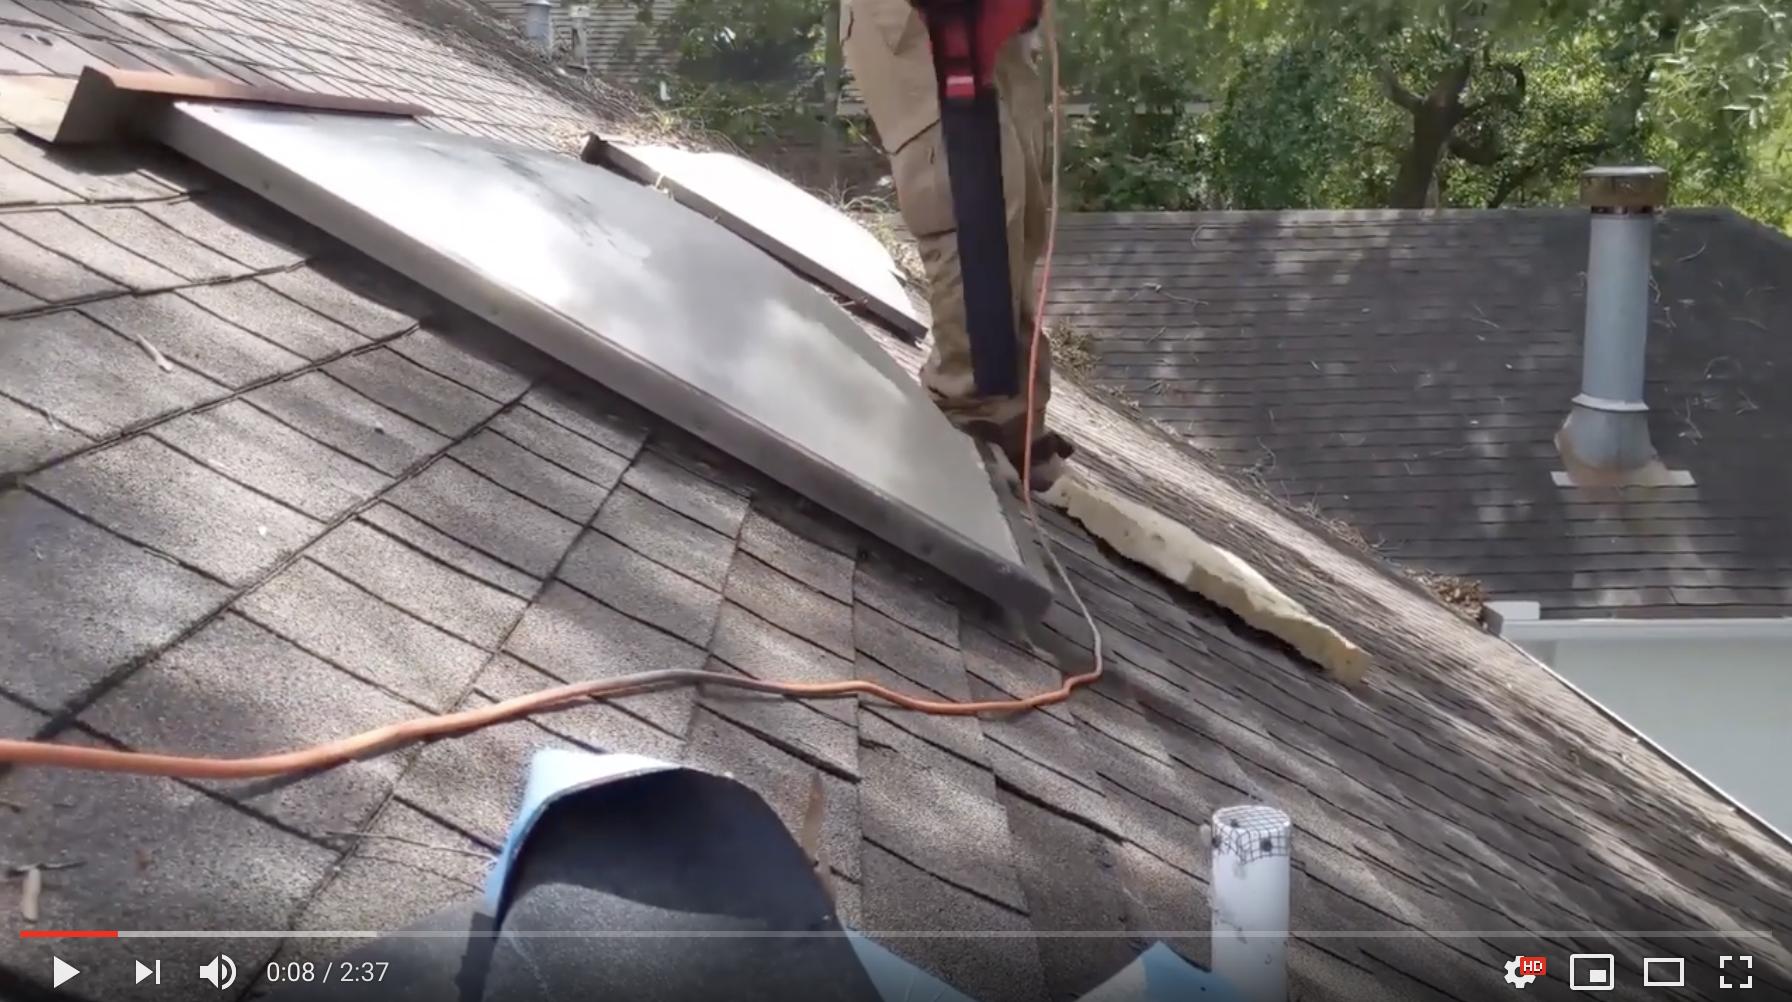 Matlock Roofing & Construction Skylight install video